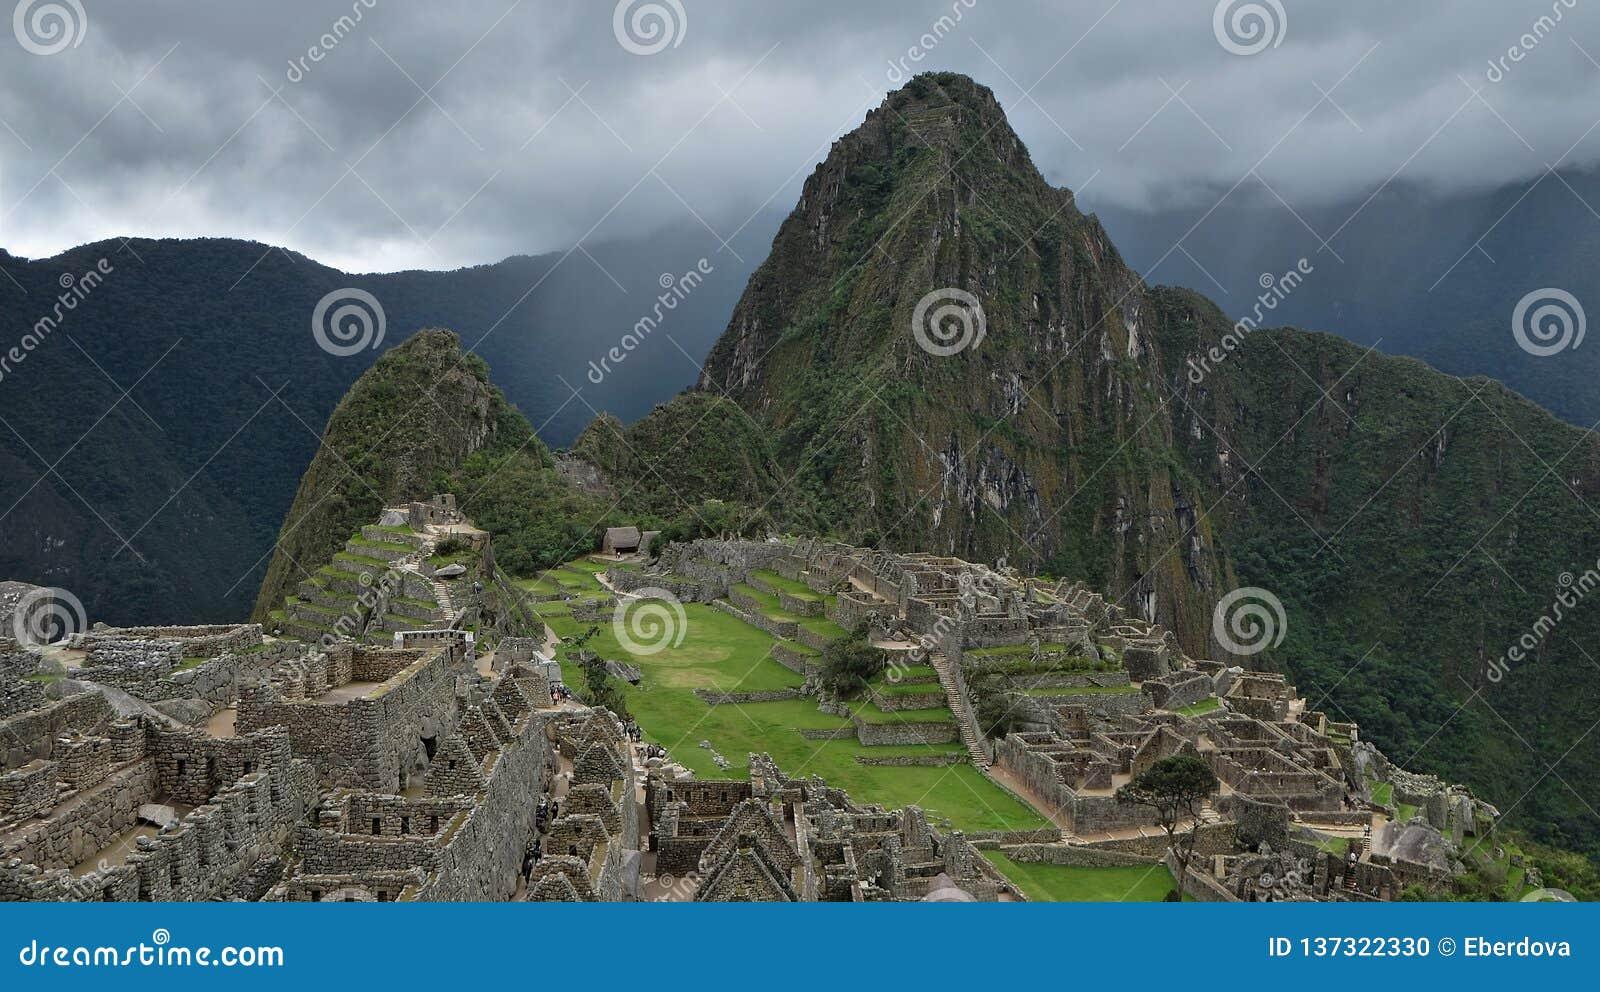 Motning nuvoloso al sito archeologico di Machu Picchu